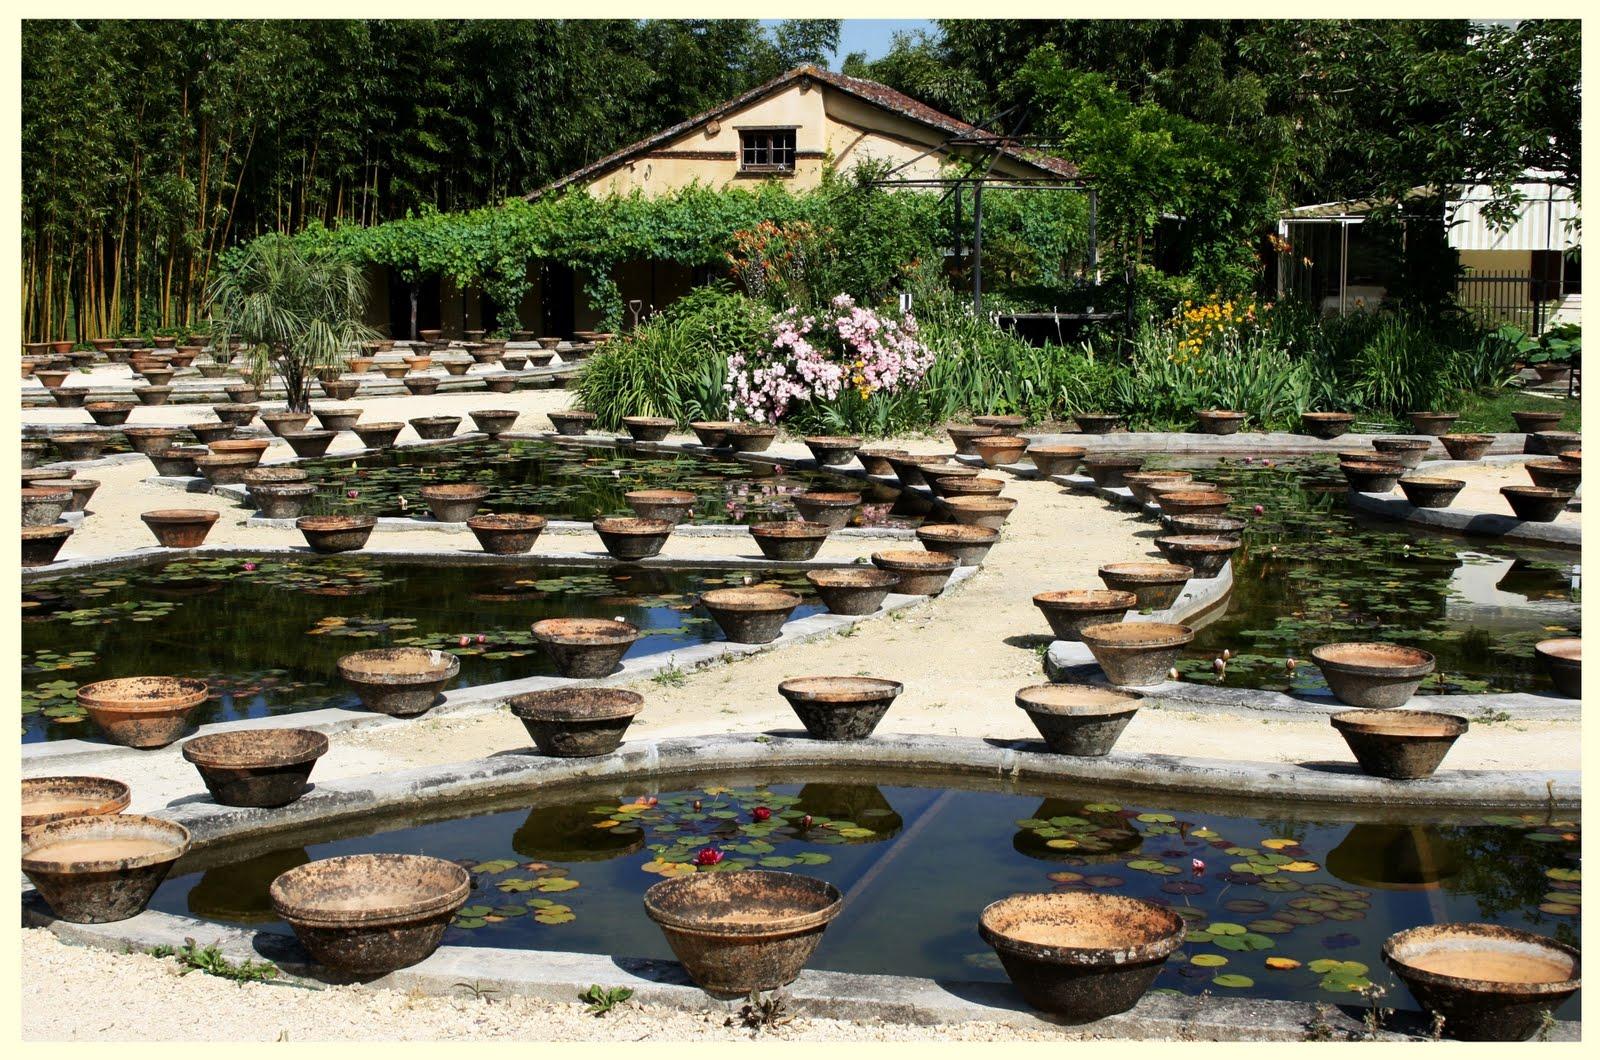 El jard n de margarita otros jardines viveros latour Viveros y jardines